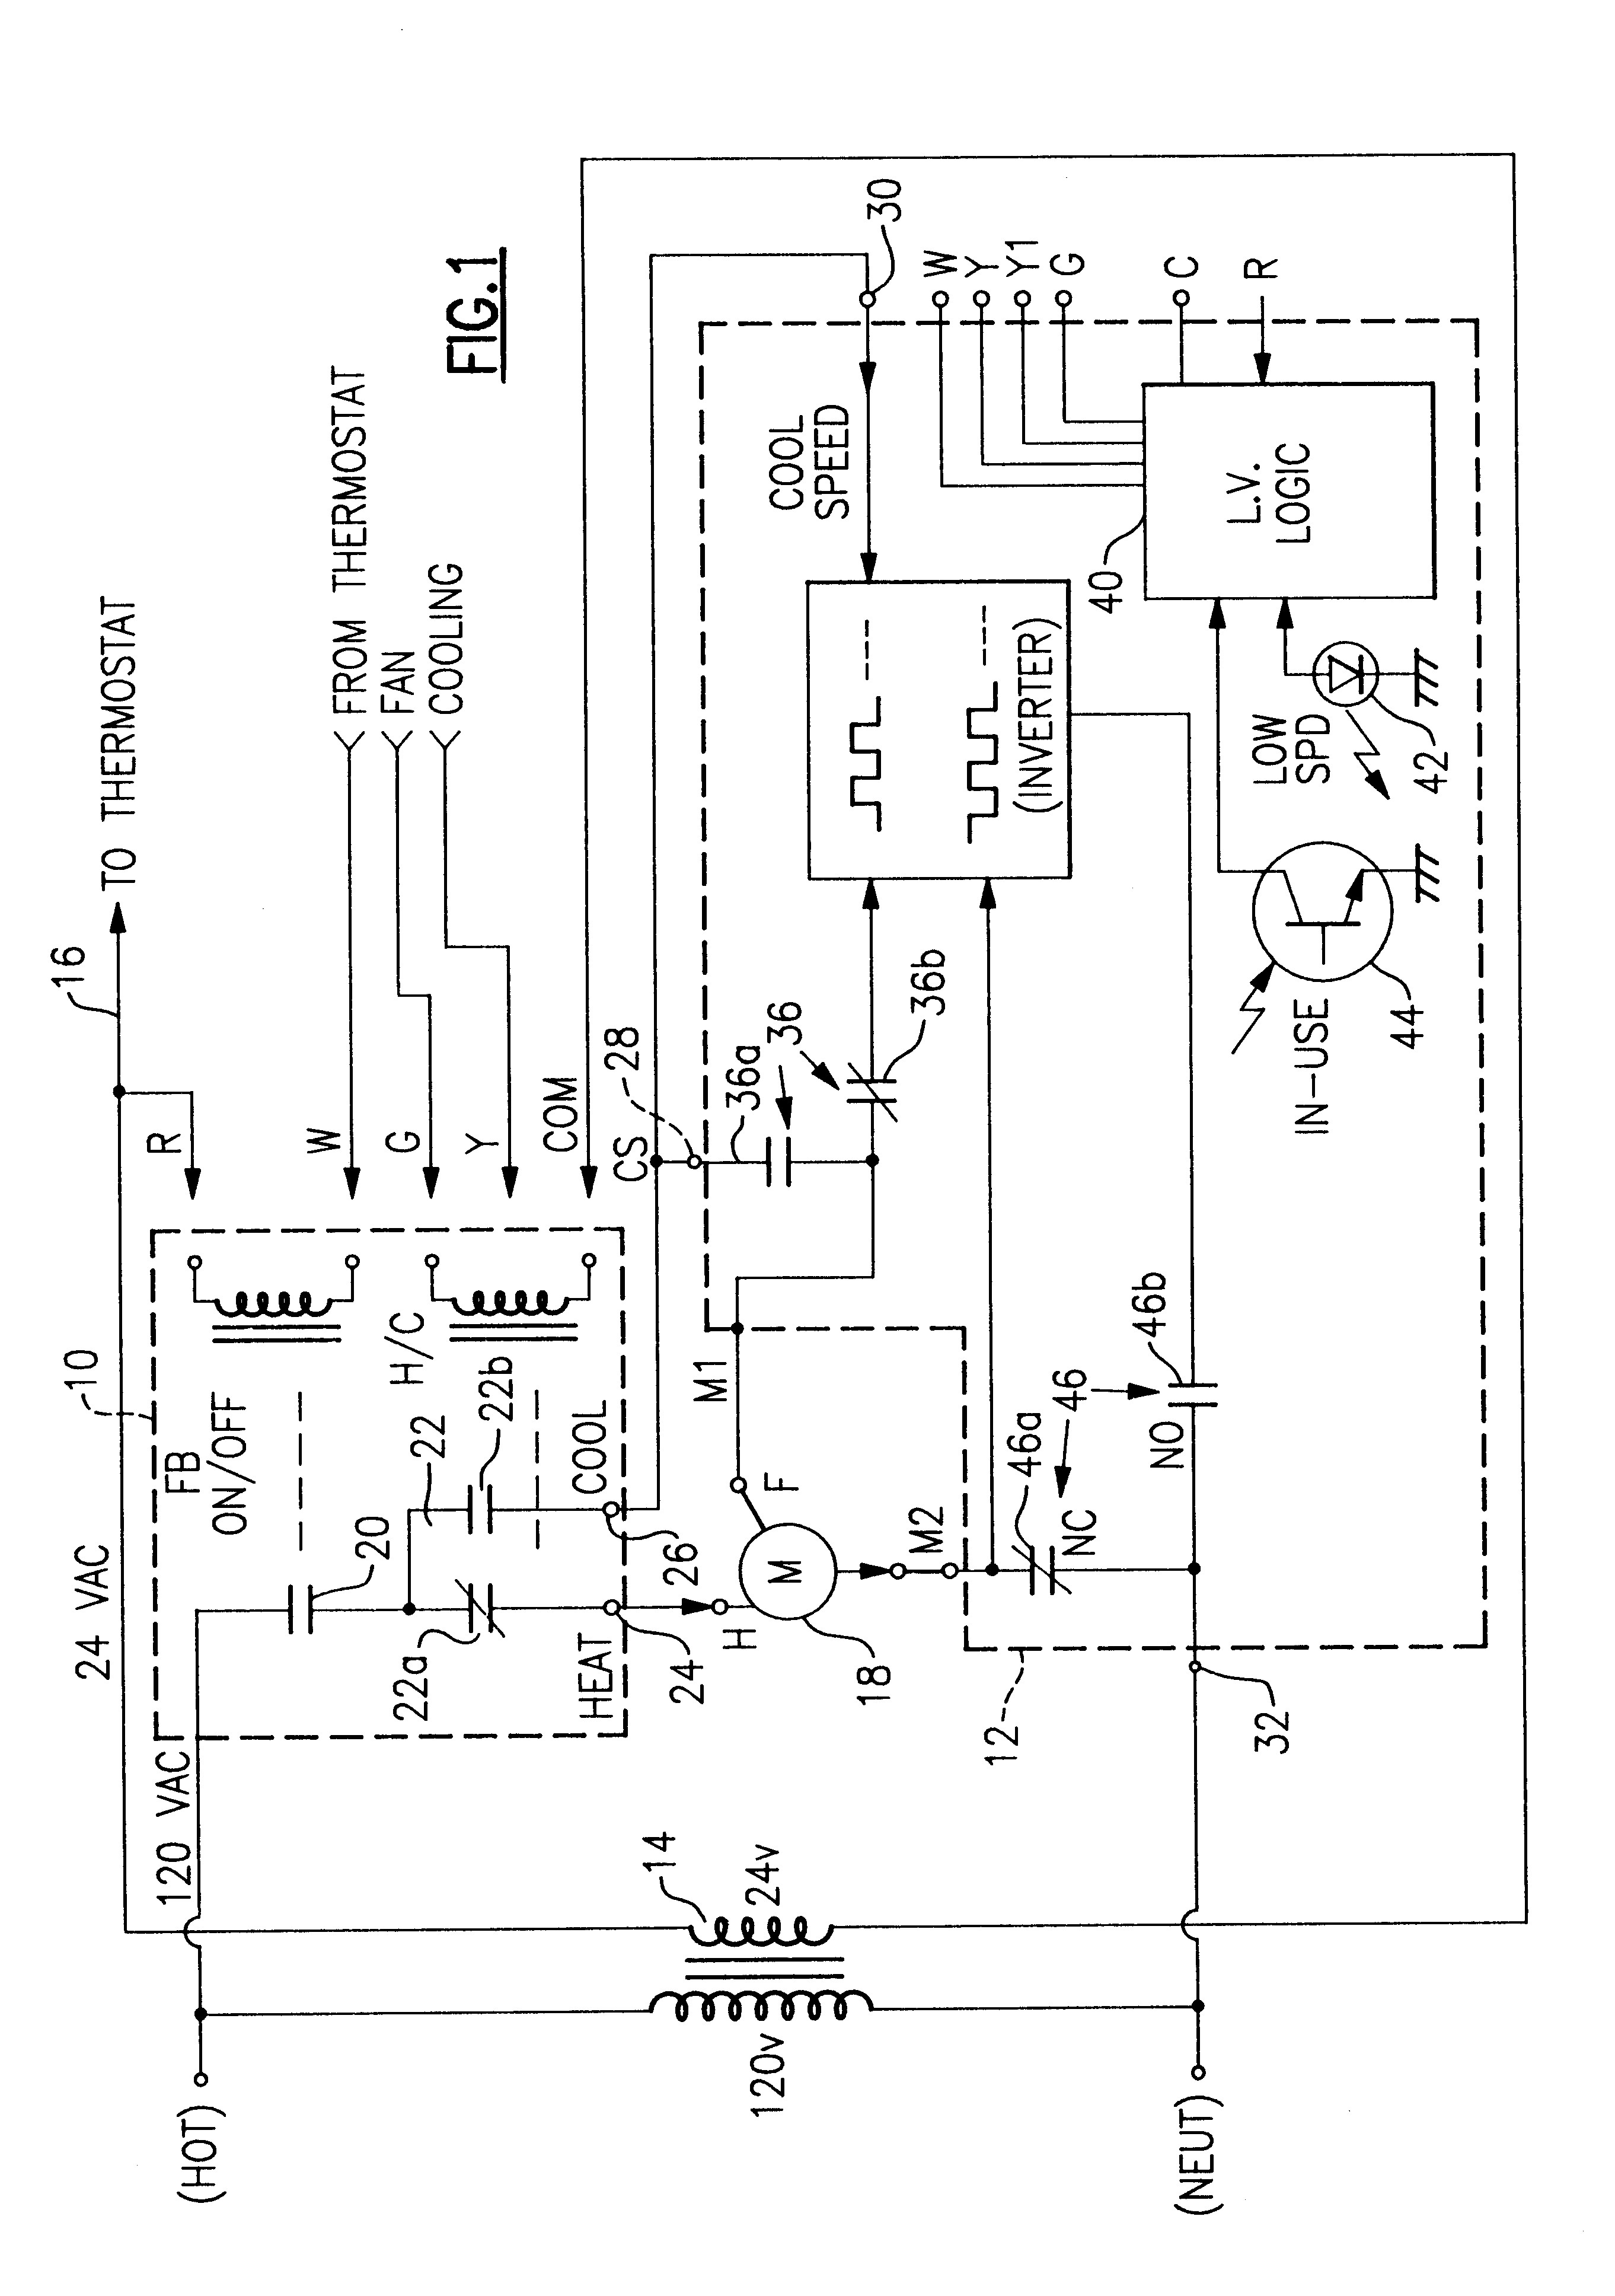 Ao Smith Pool Motor Wiring Diagram   Manual E-Books - Gould Century Motor Wiring Diagram